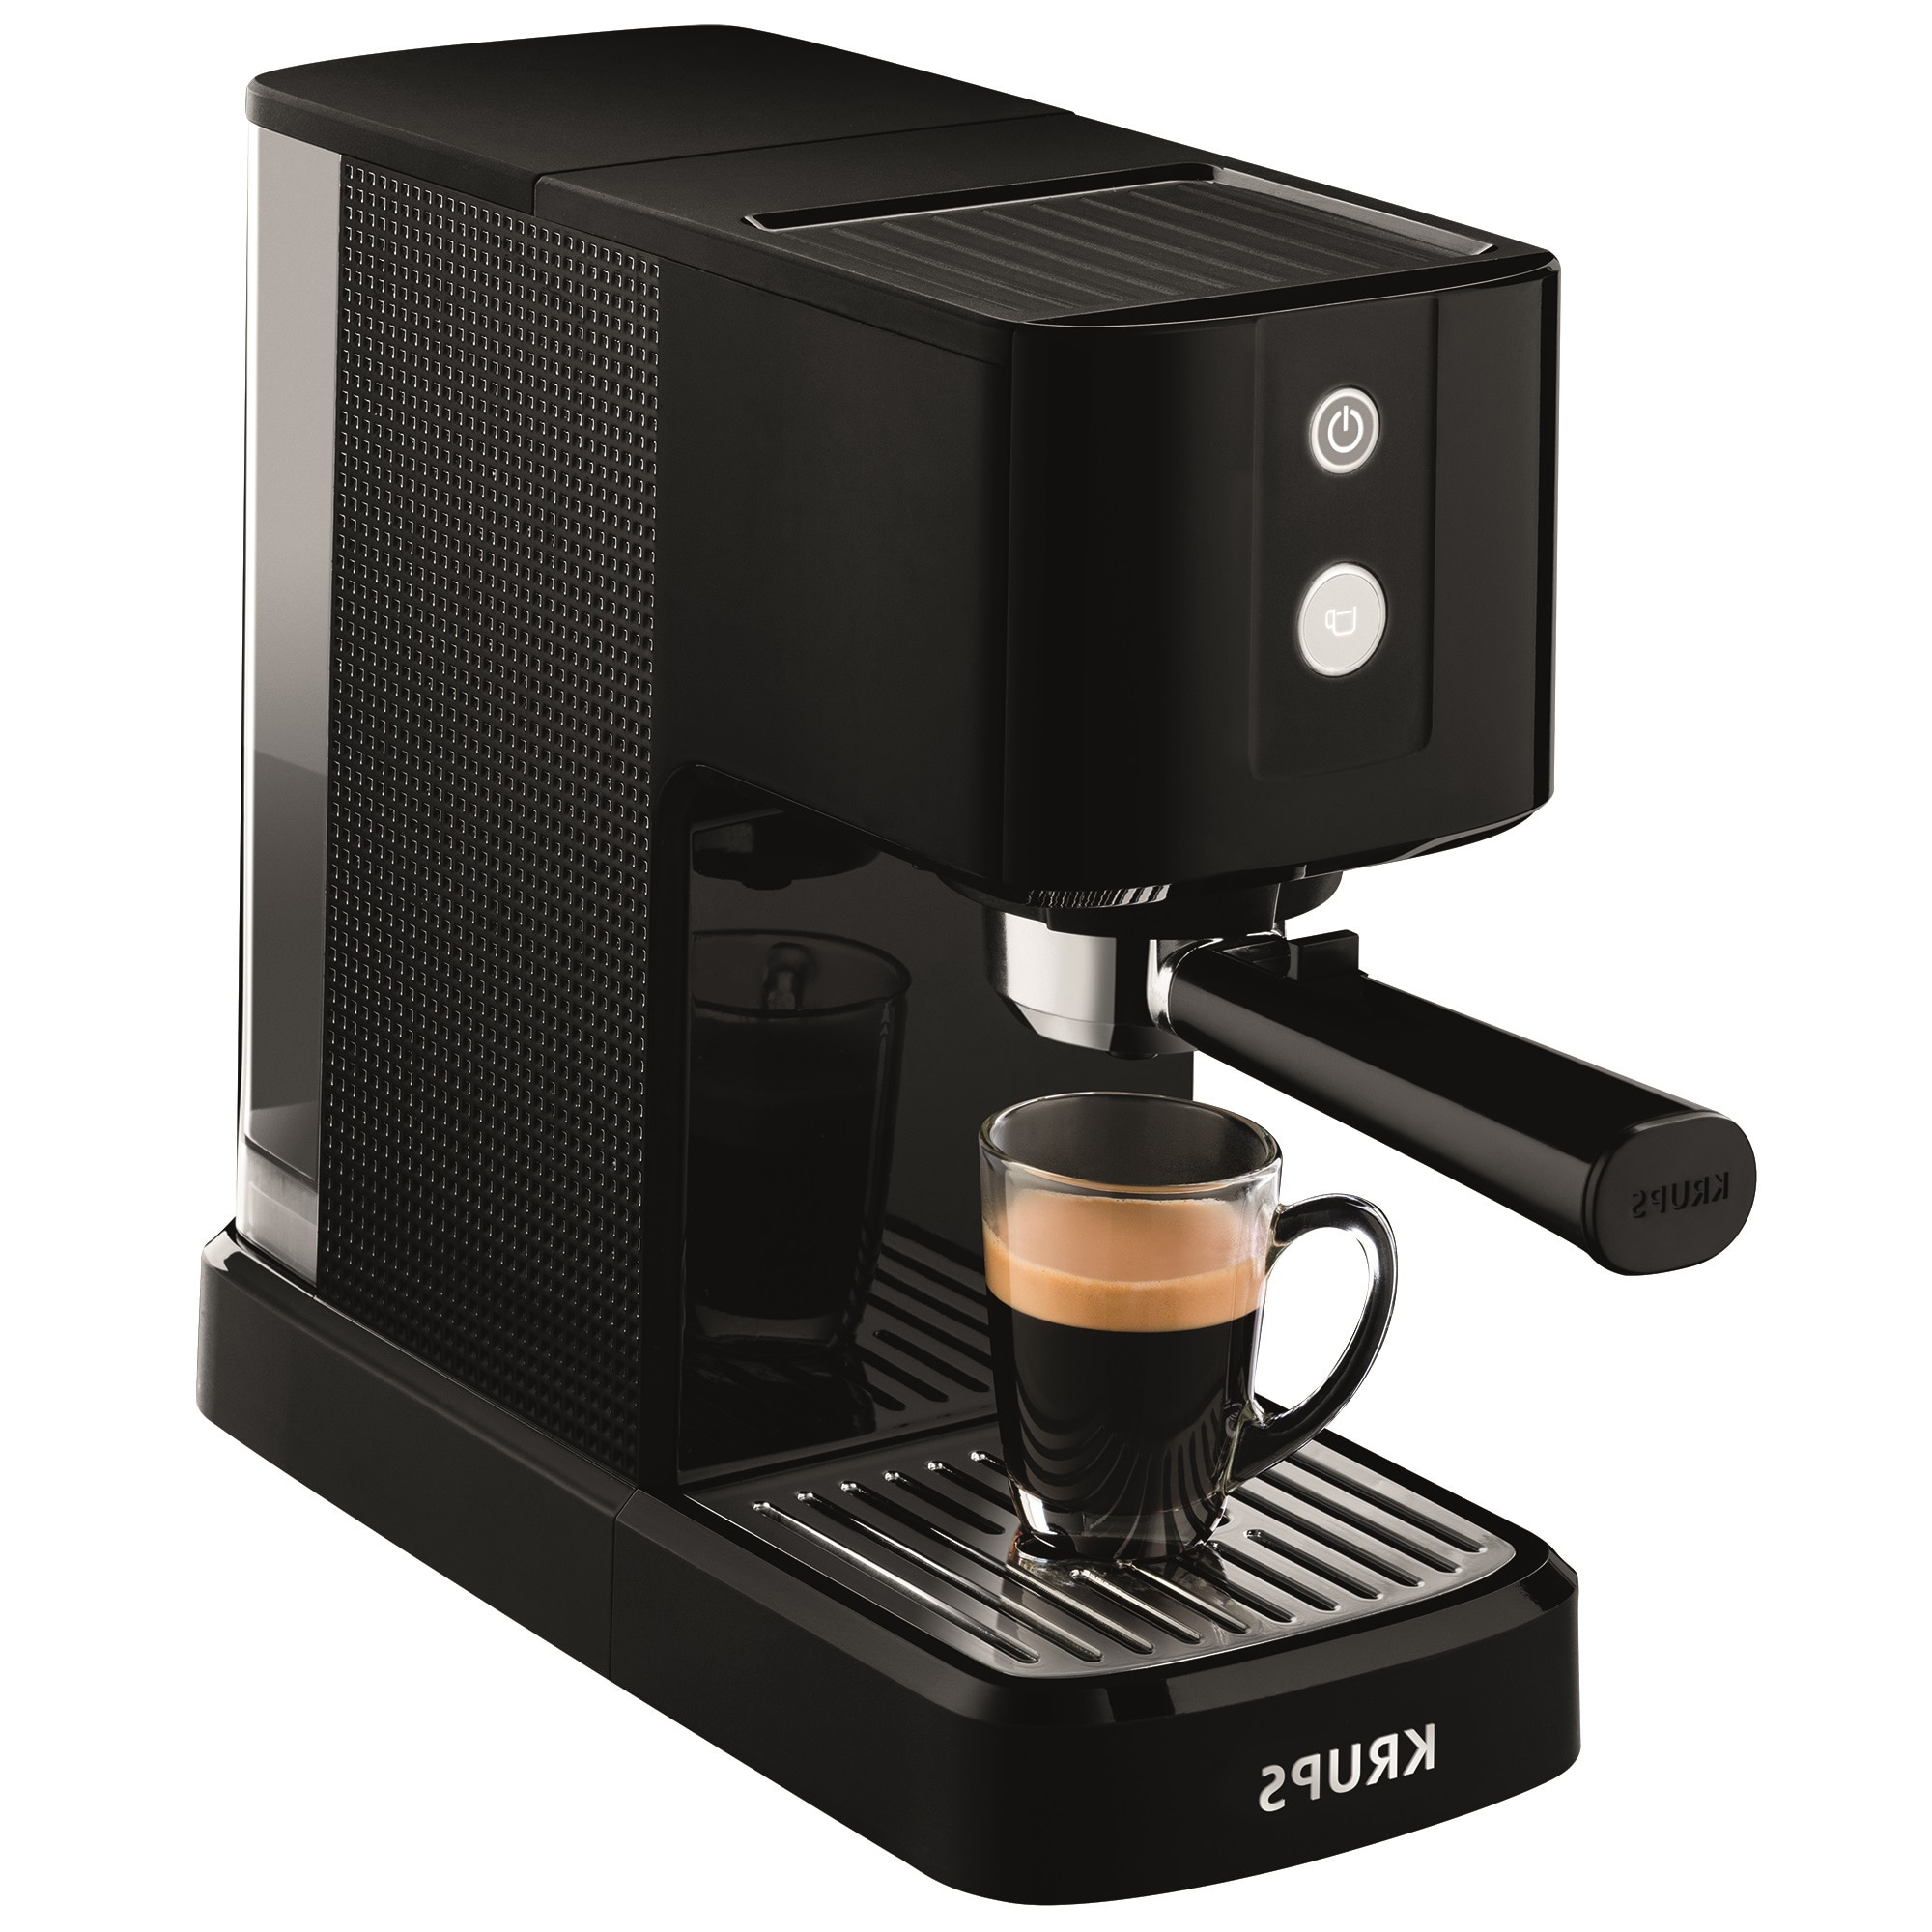 Fotografie Espressor manual Krups Calvi XP3410, 1460W, 15 bar, 1 l, Negru